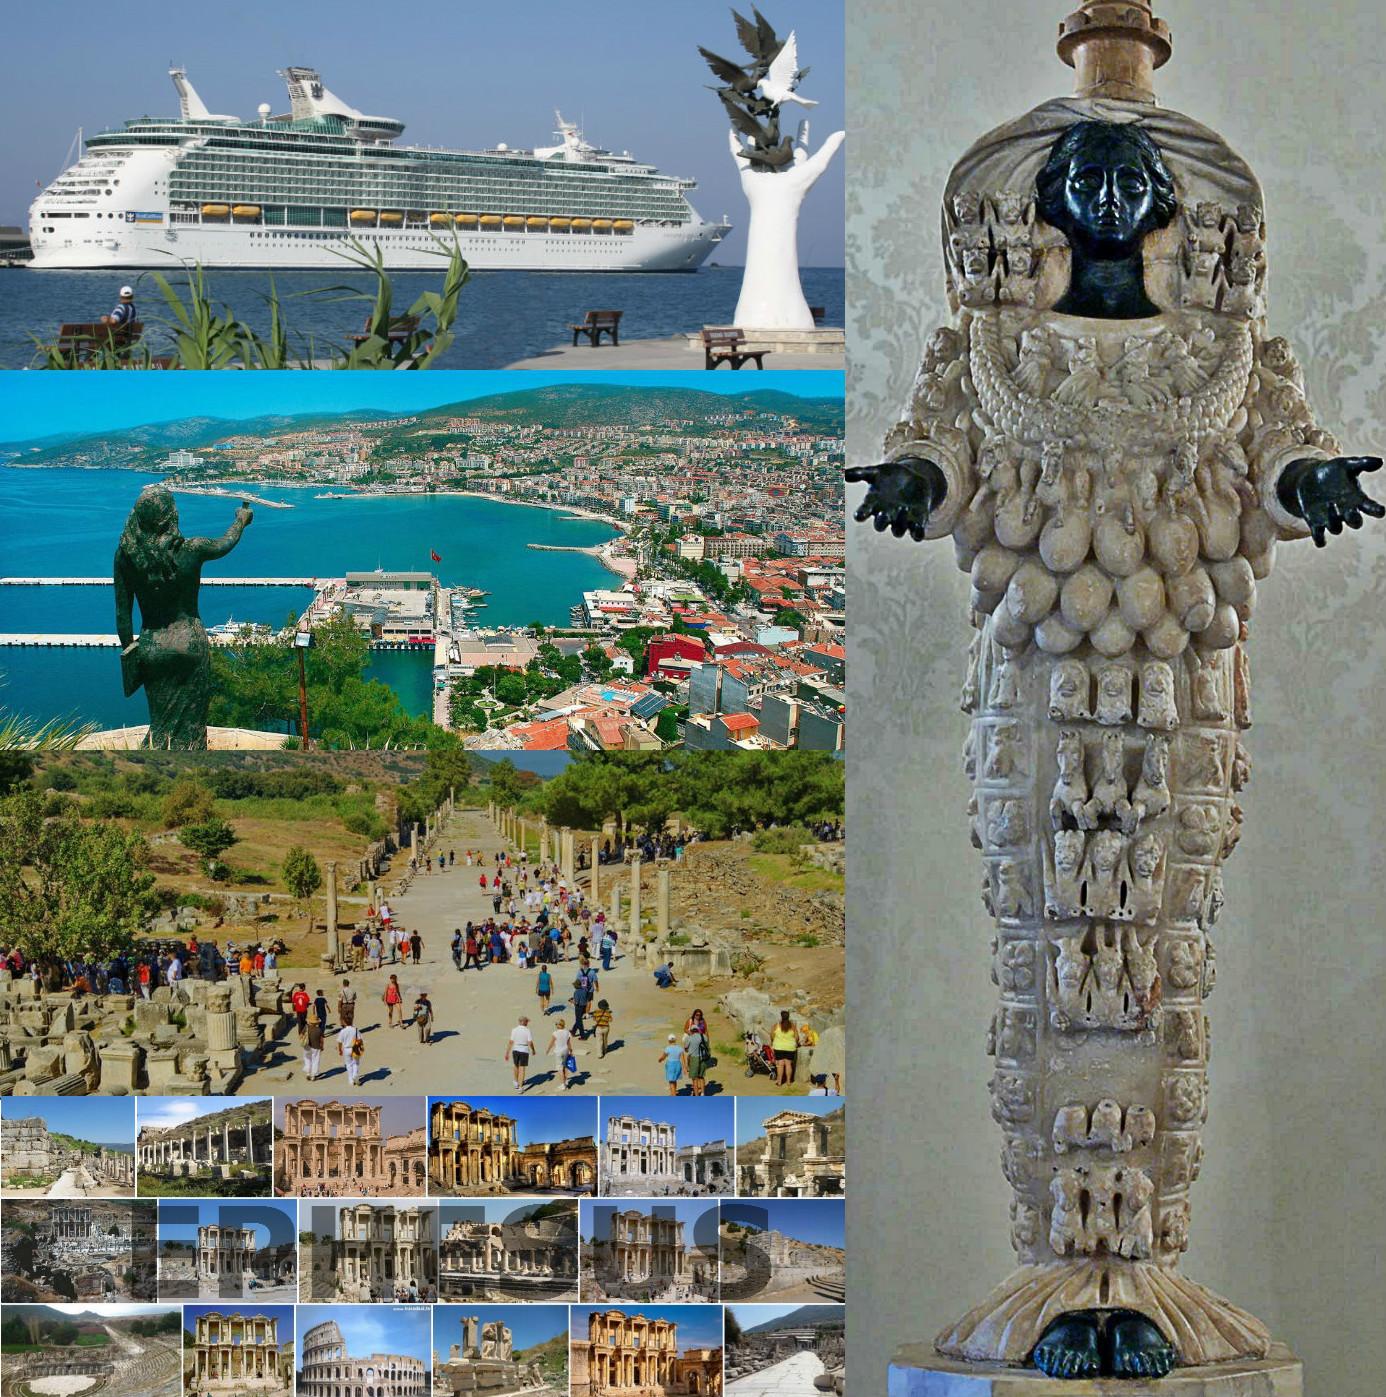 mondo guide private day tours